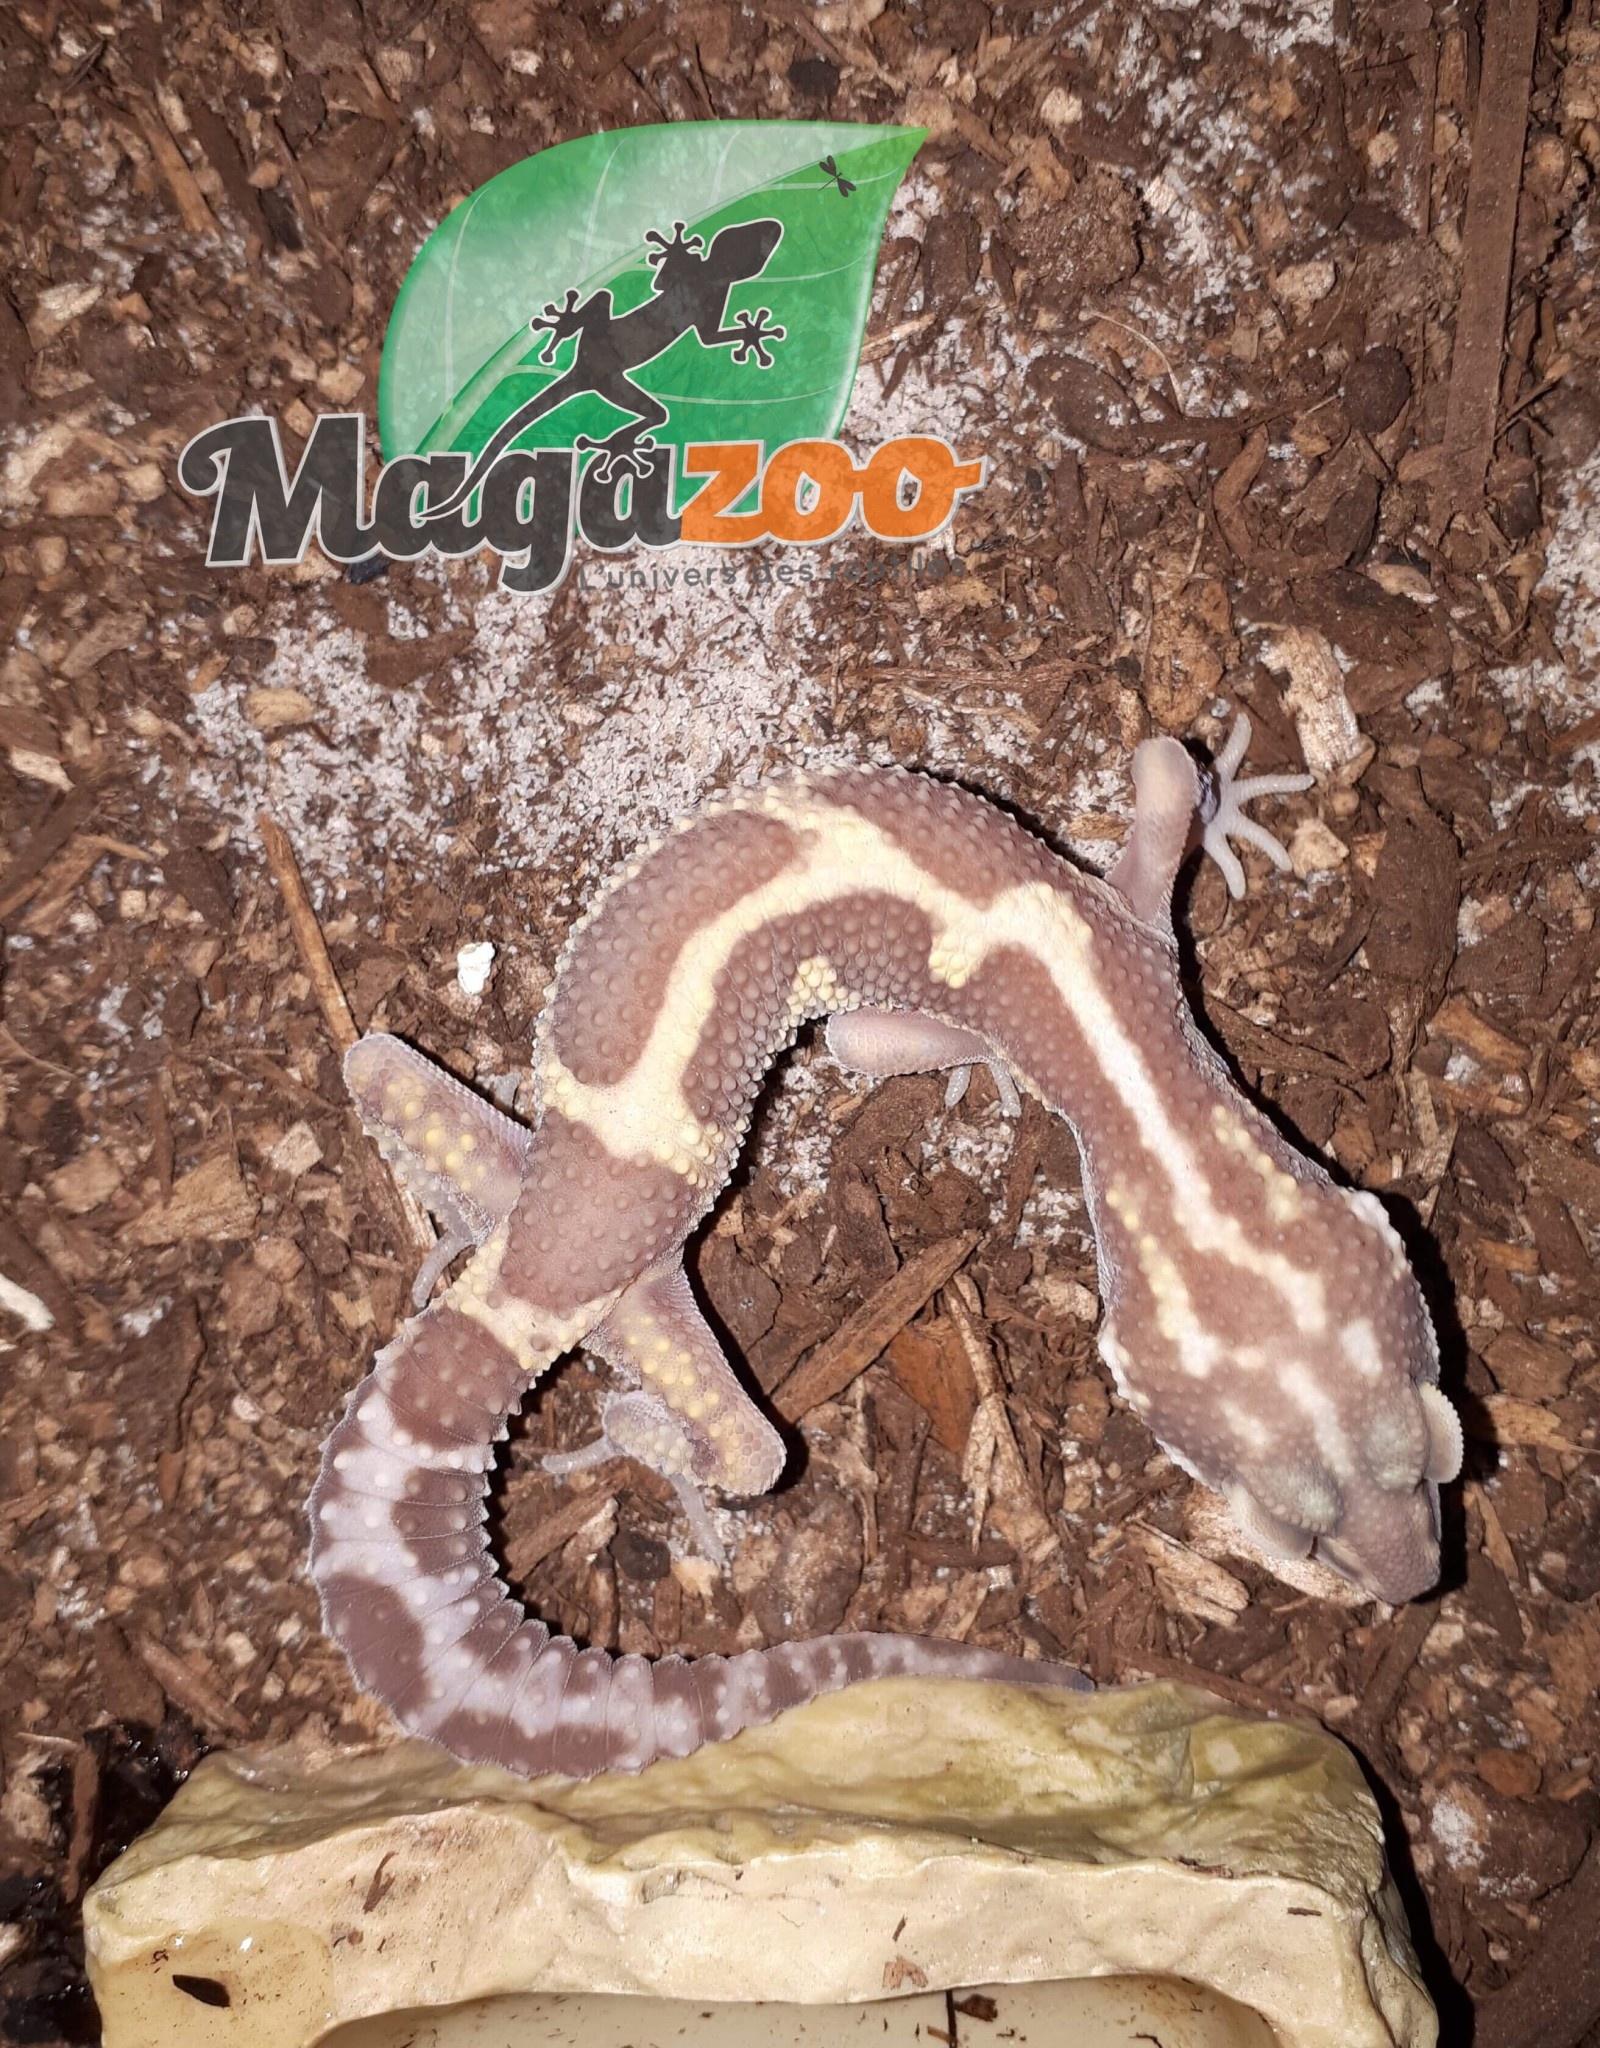 Magazoo Gecko léopard tremper mack snow albino poss.reverse stripe giant femelle